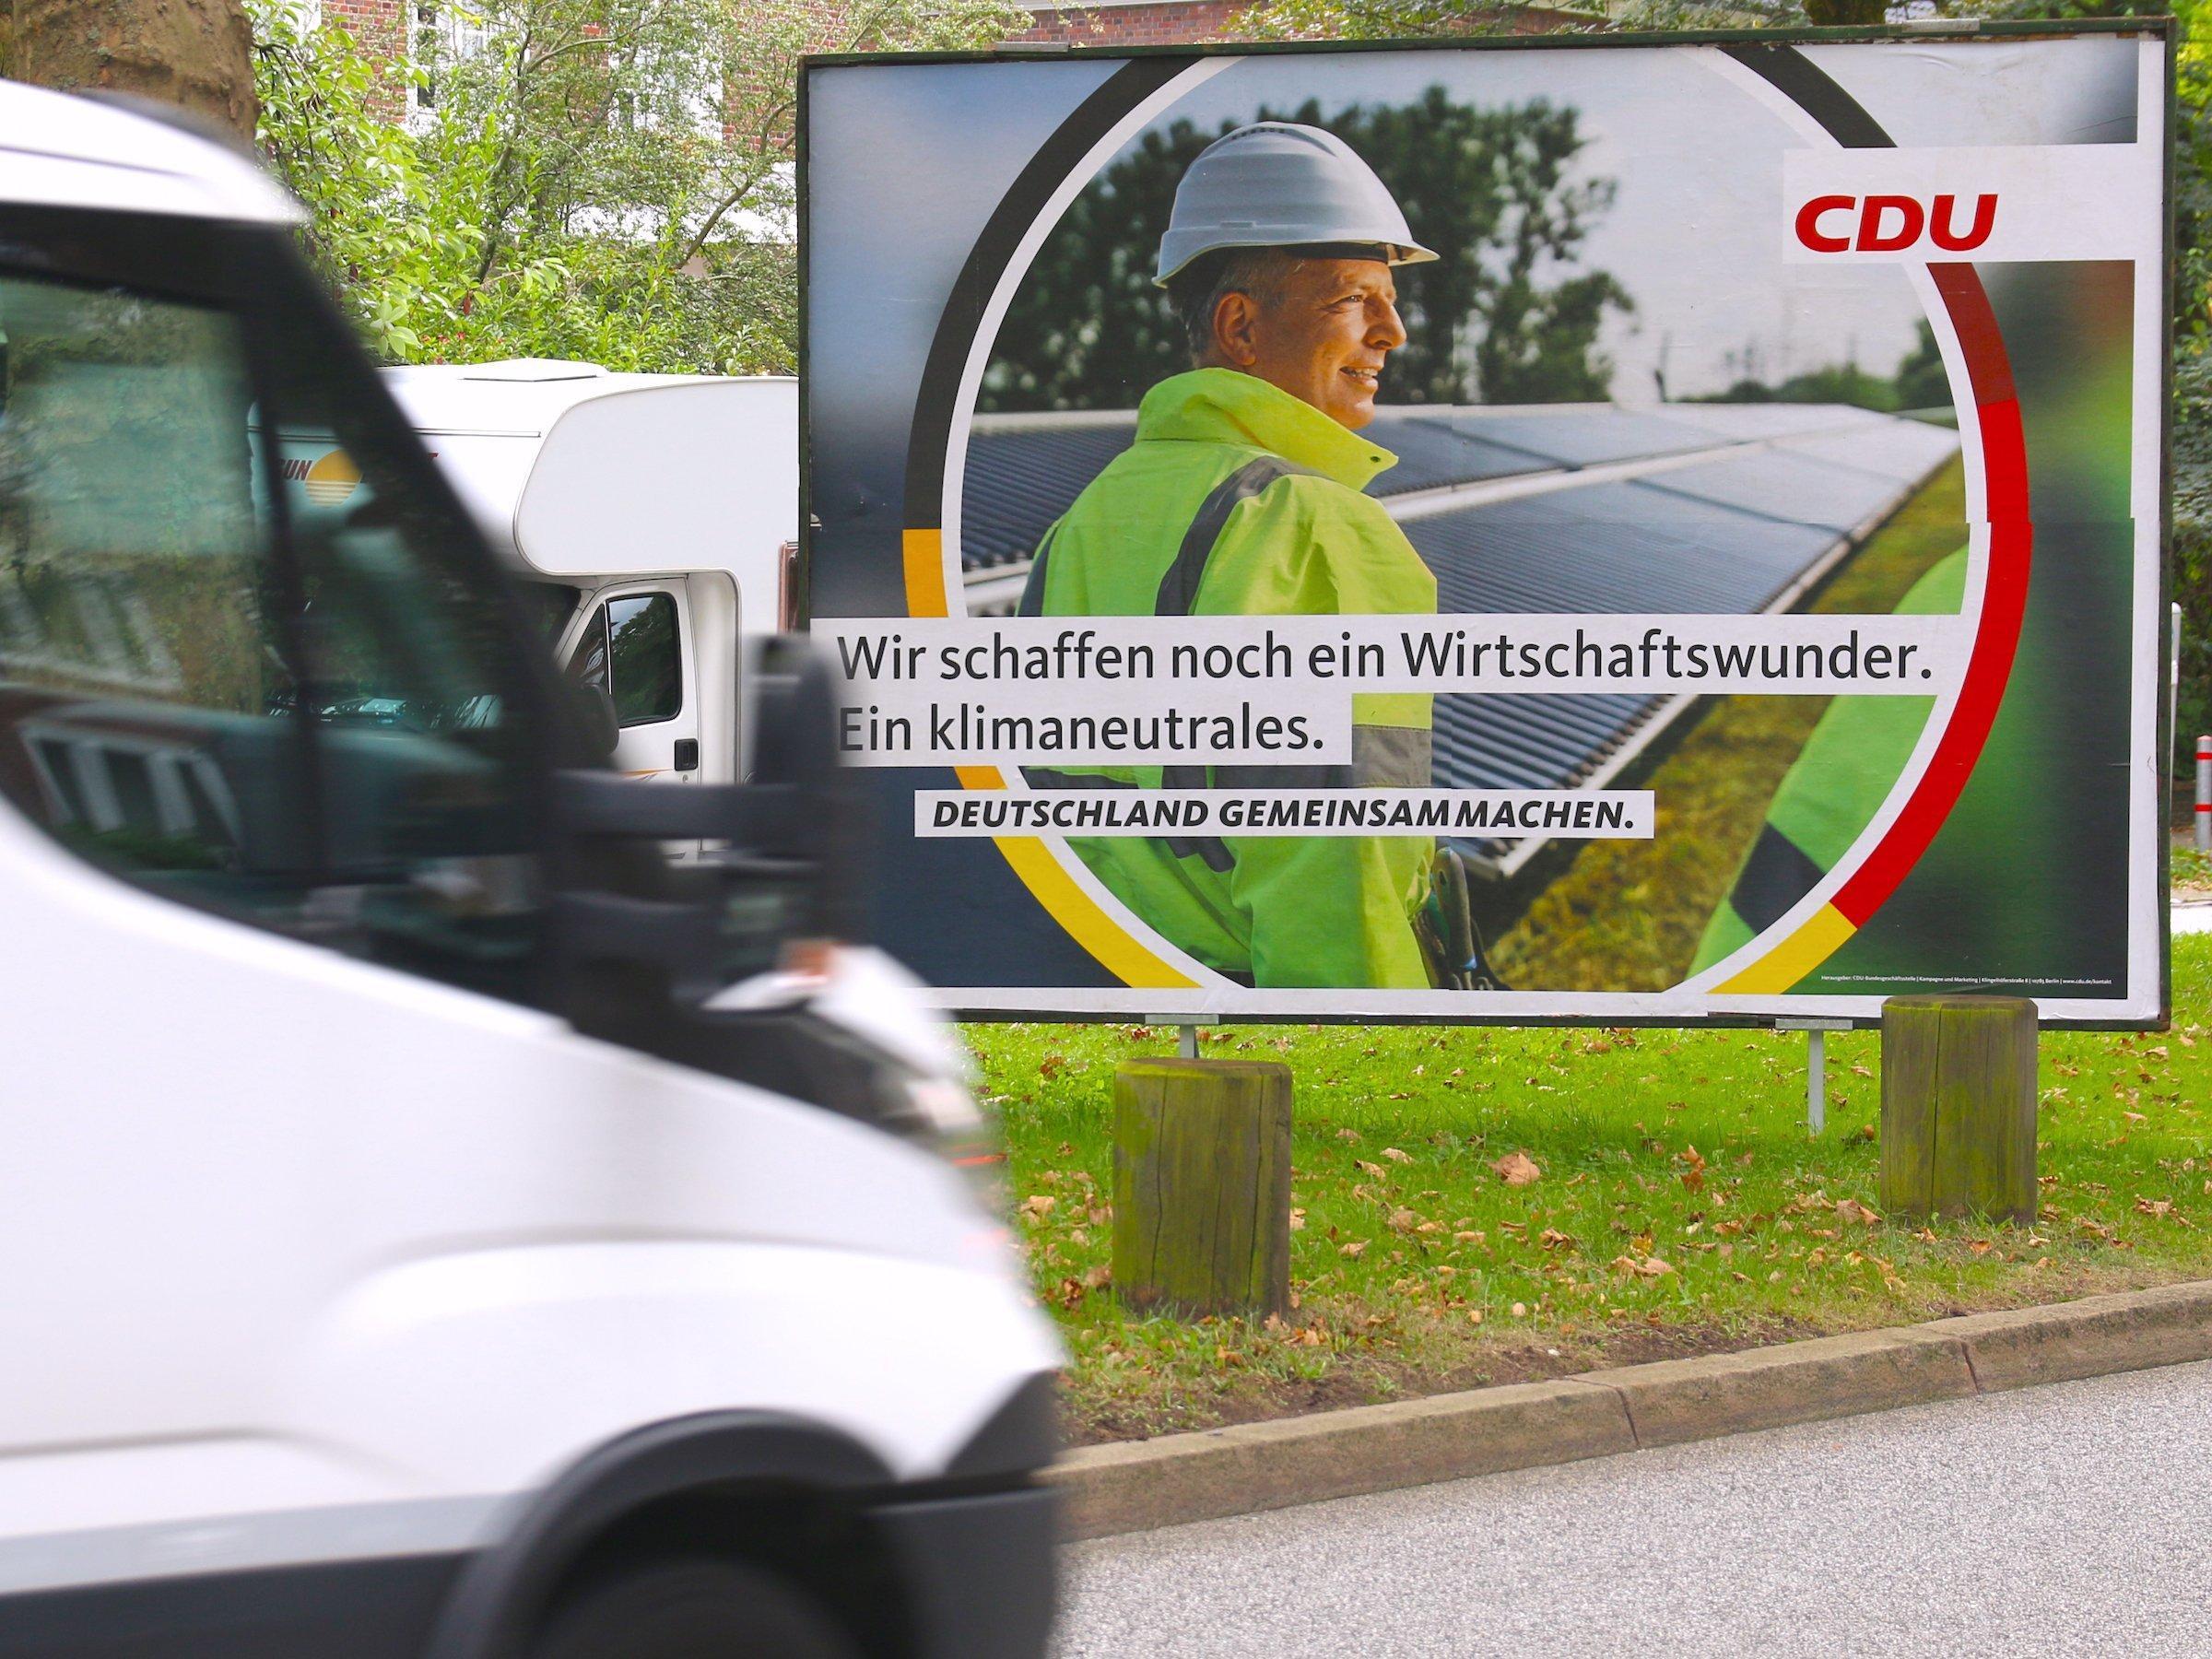 """Ein Wahlplakat der CDU zeigt einen Mann mit Bauarbeiterhelm und neongelbem Anorak vor einer Reihe von Solarpanels. Der Slogan lautet: """"Wir schaffen noch ein Wirtschaftswunder. Ein klimaneutrales."""" Das Plakat steht auf einem Grünstreifen an der Straße. Von links fährt ein weißer Kleinlaster ins Bild."""